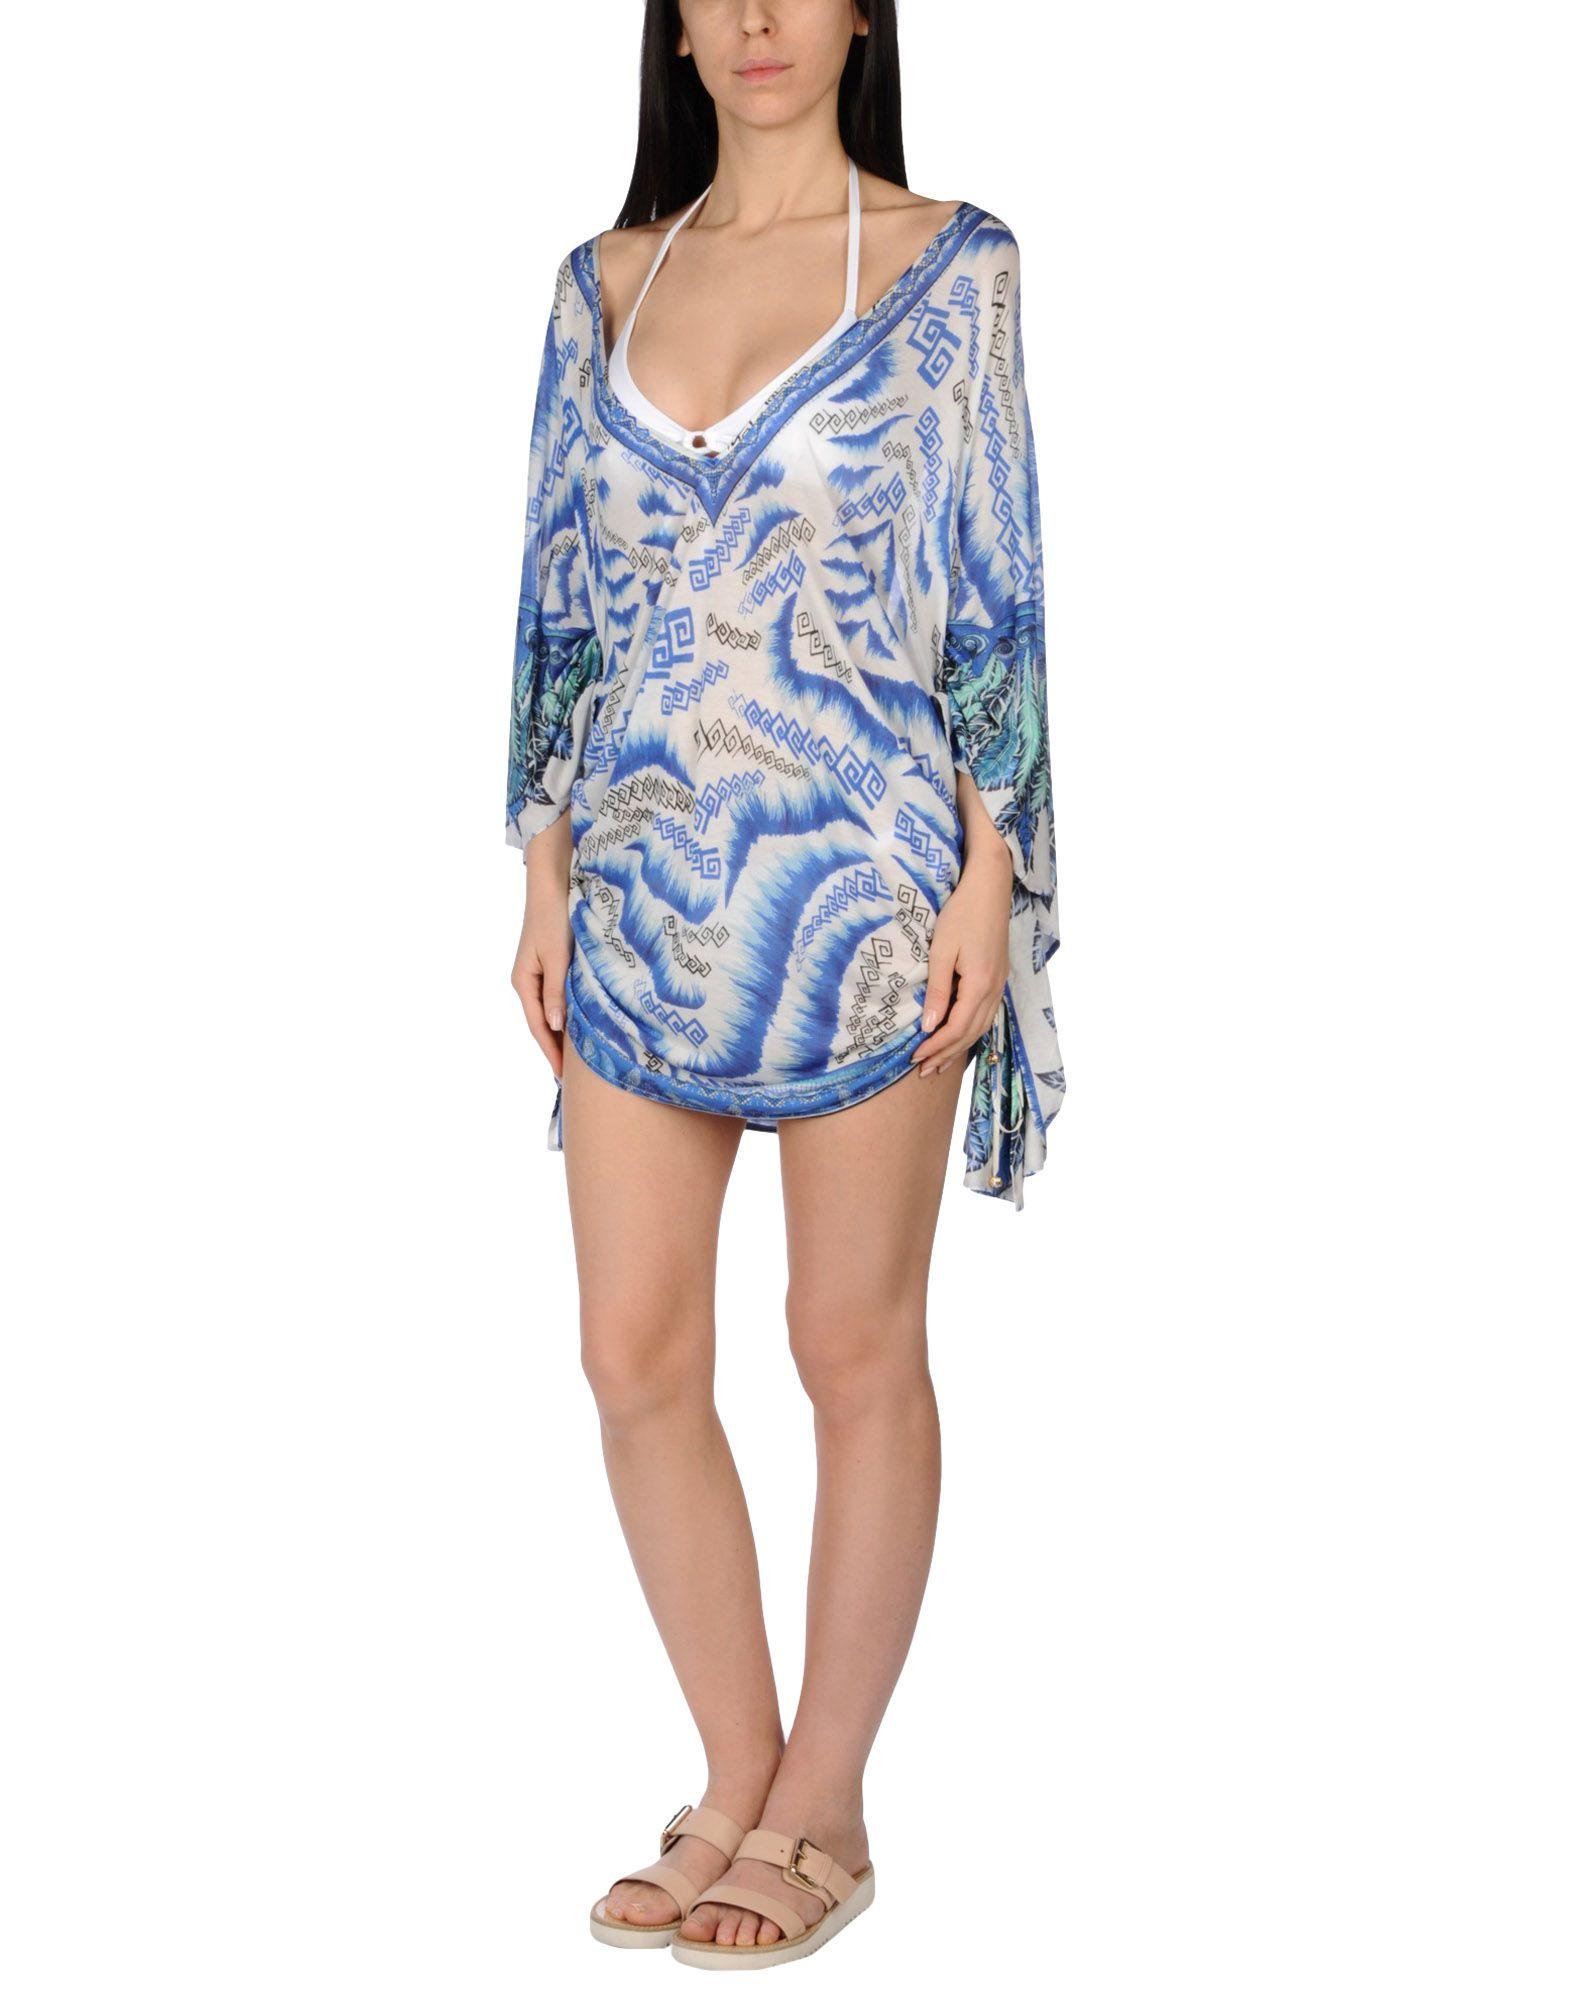 Copricostume Roberto Cavalli Beachwear Donna - Acquista online su 8lFRdn